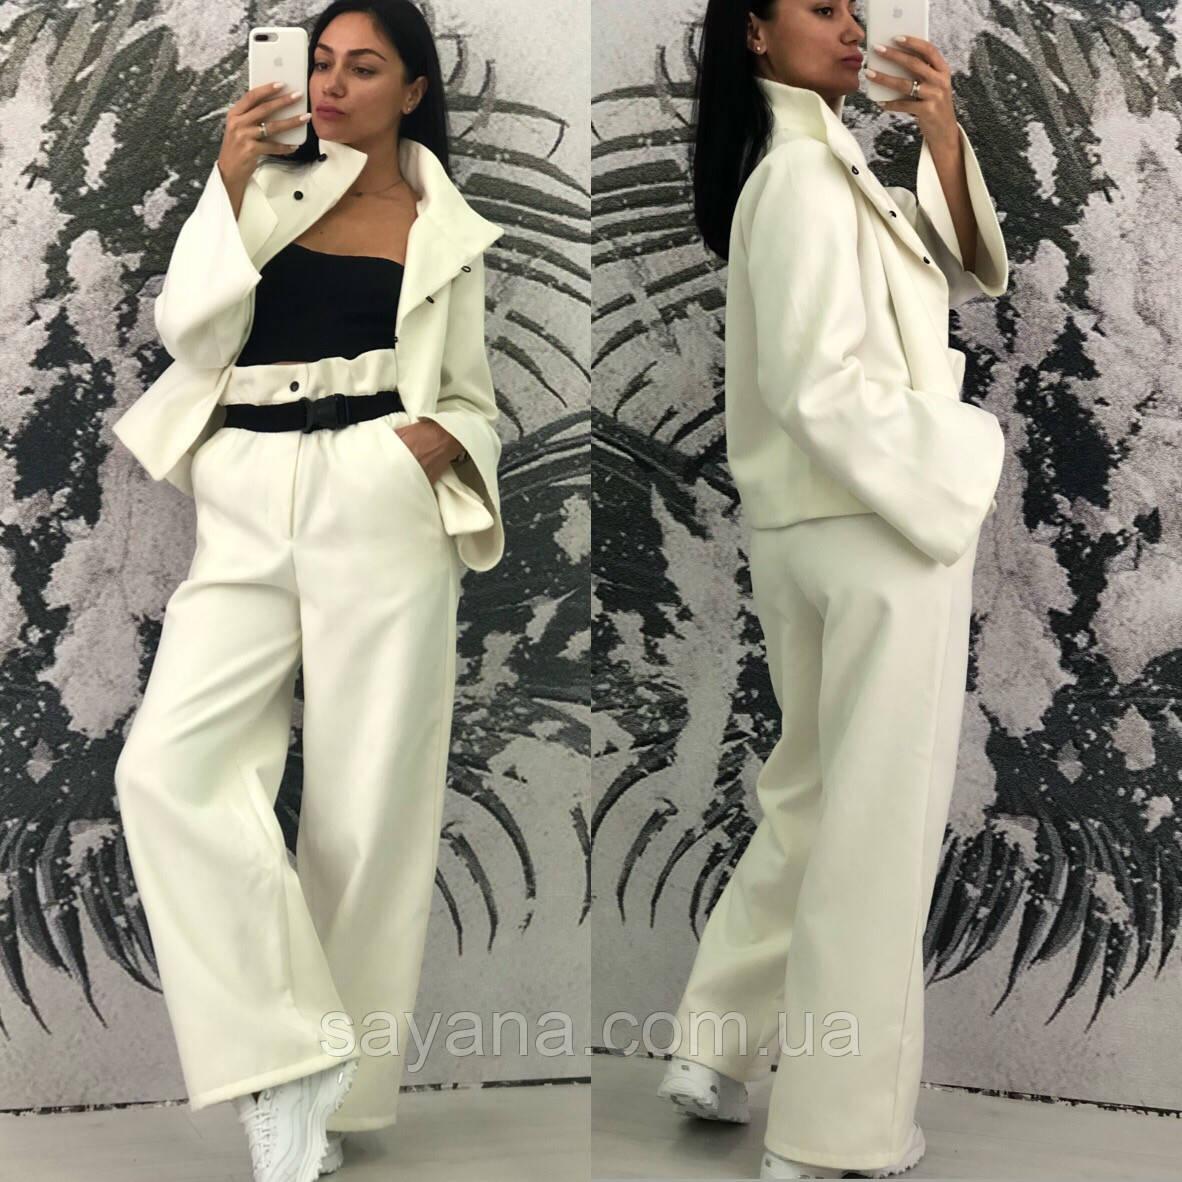 Женский костюм: пиджак с брюками в расцветках. КС-3-0220